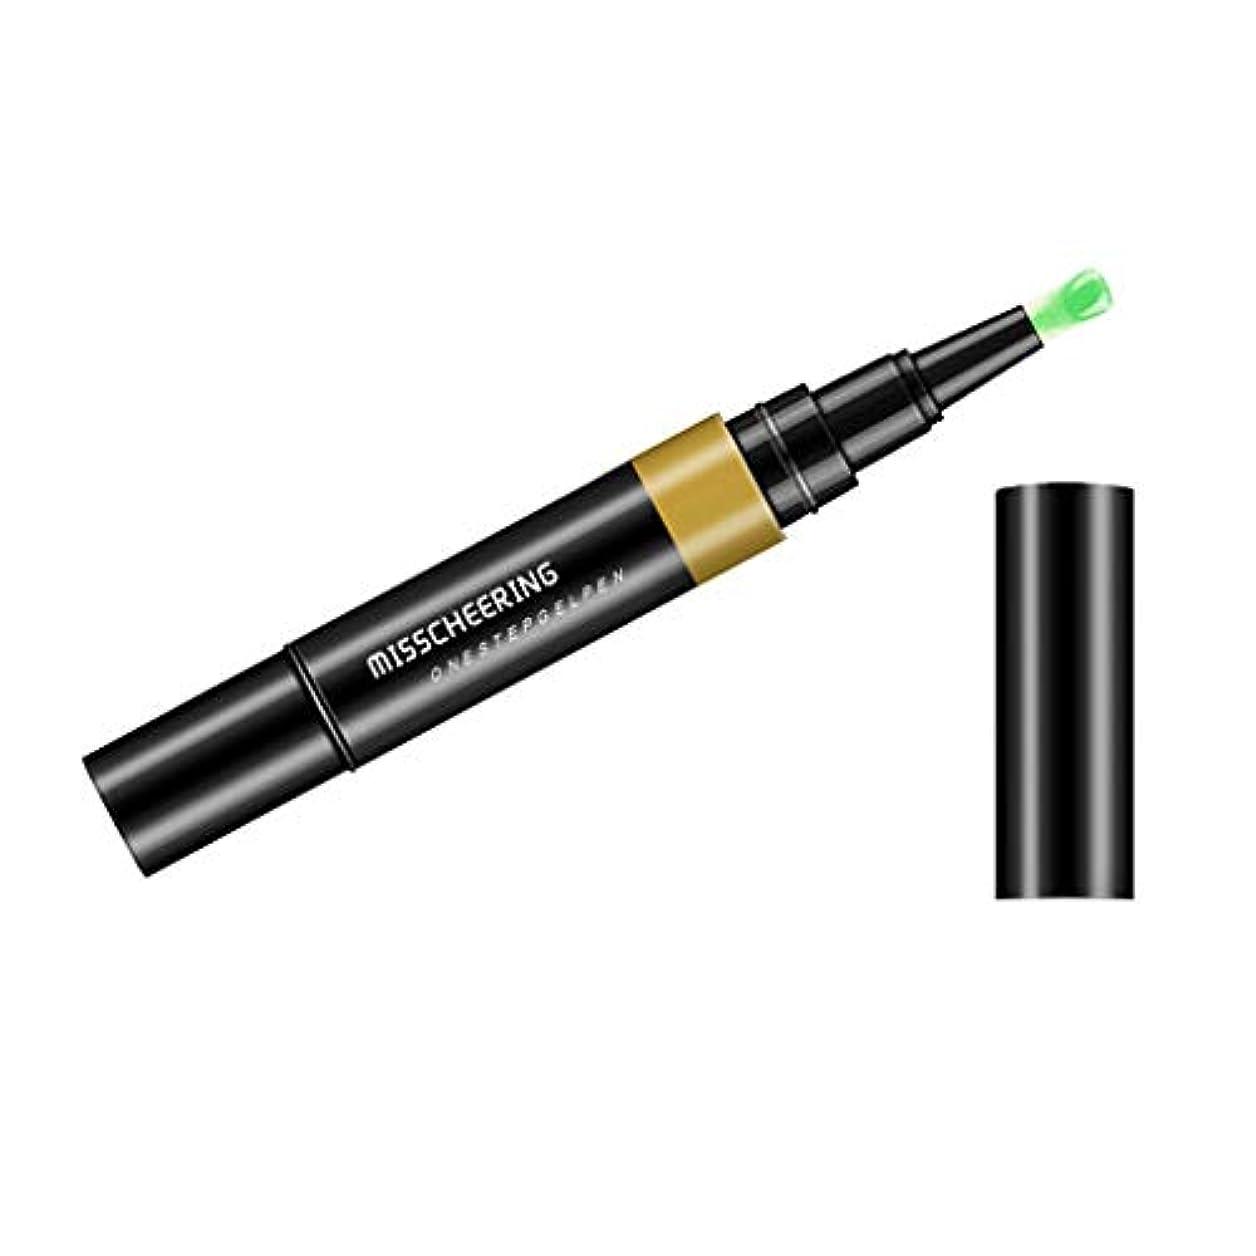 ウサギ夫社員カラーネイルペン 3Dネイルペン ネイルアートペン ジェル マニキュアペン ペイントペン 3 in 1 多色 - グリーン